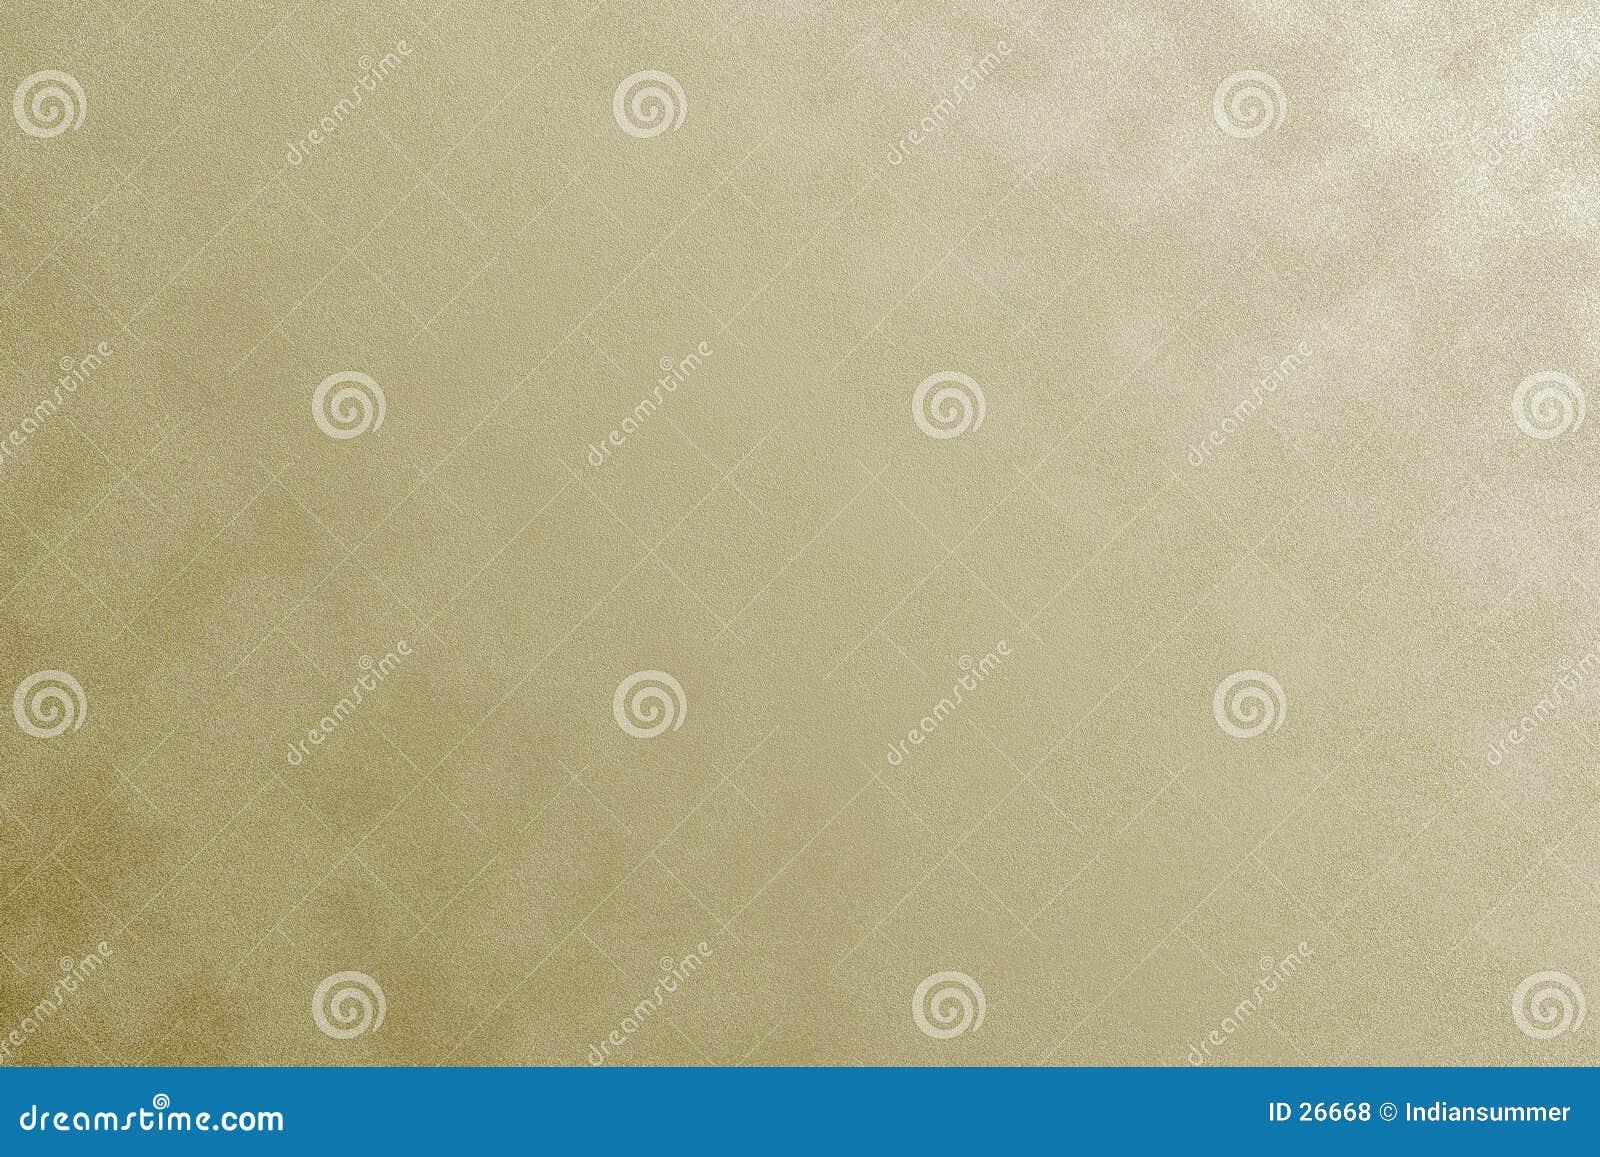 Texture - golden sprinkles